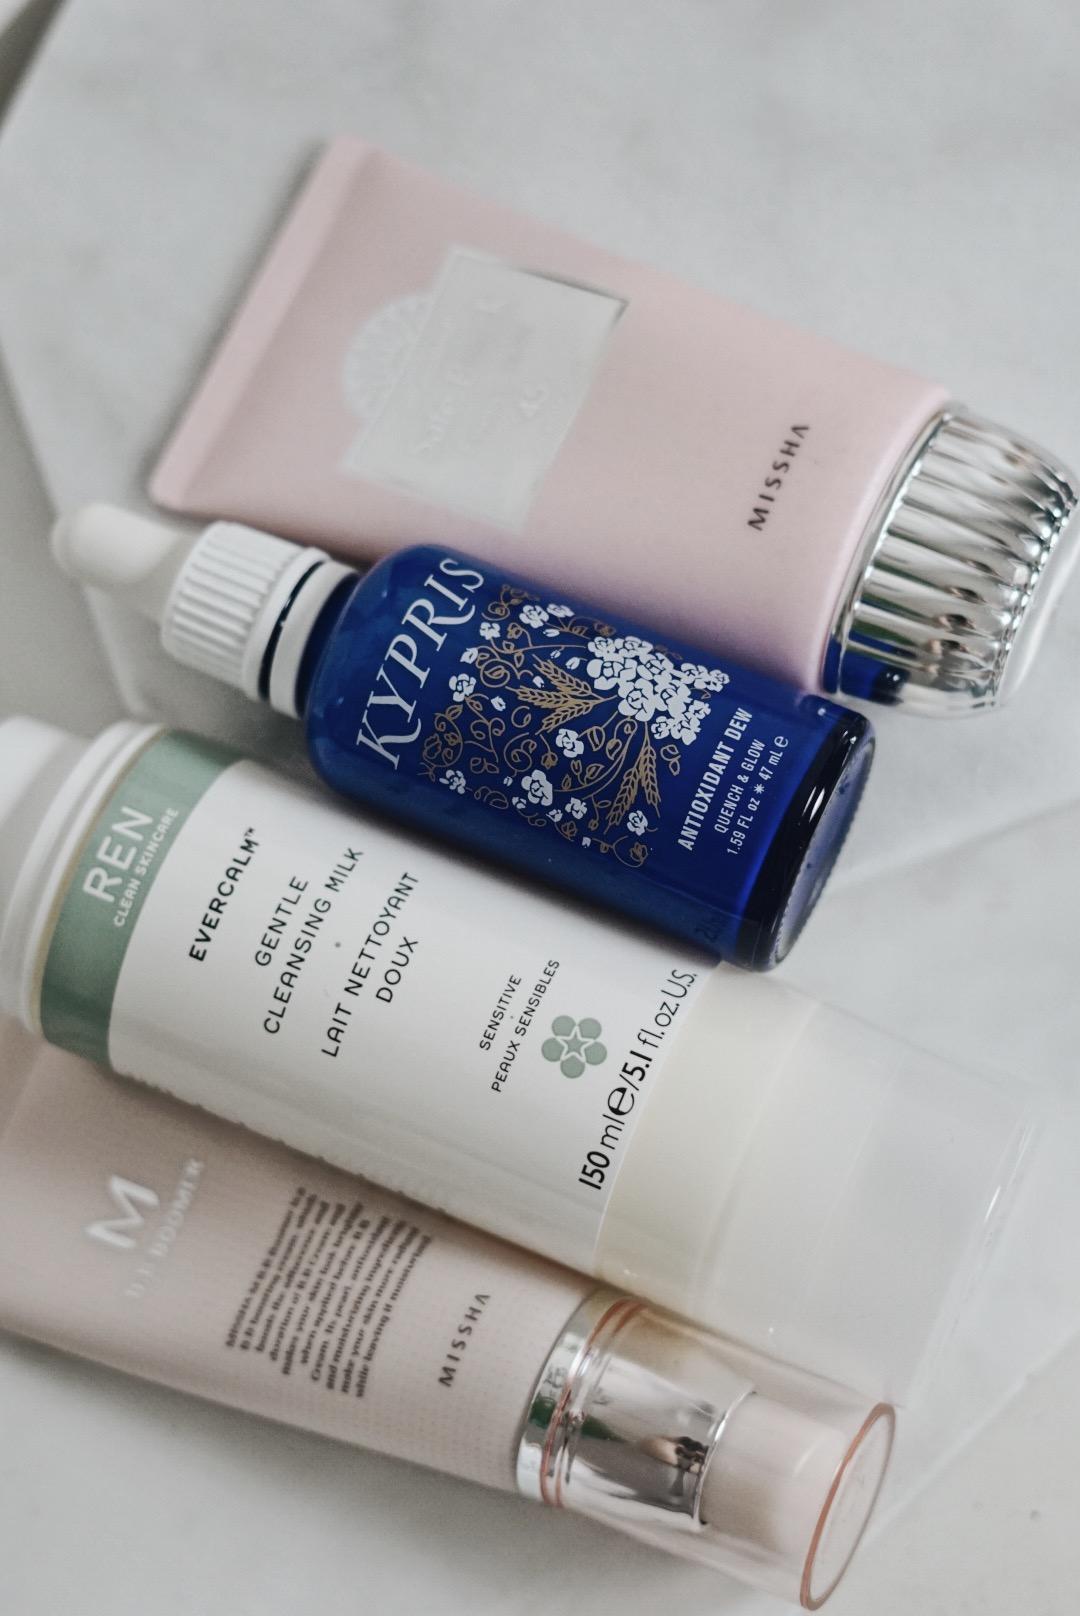 Skincare-Edit-Glossier-PMR-Missha-REN-kypris